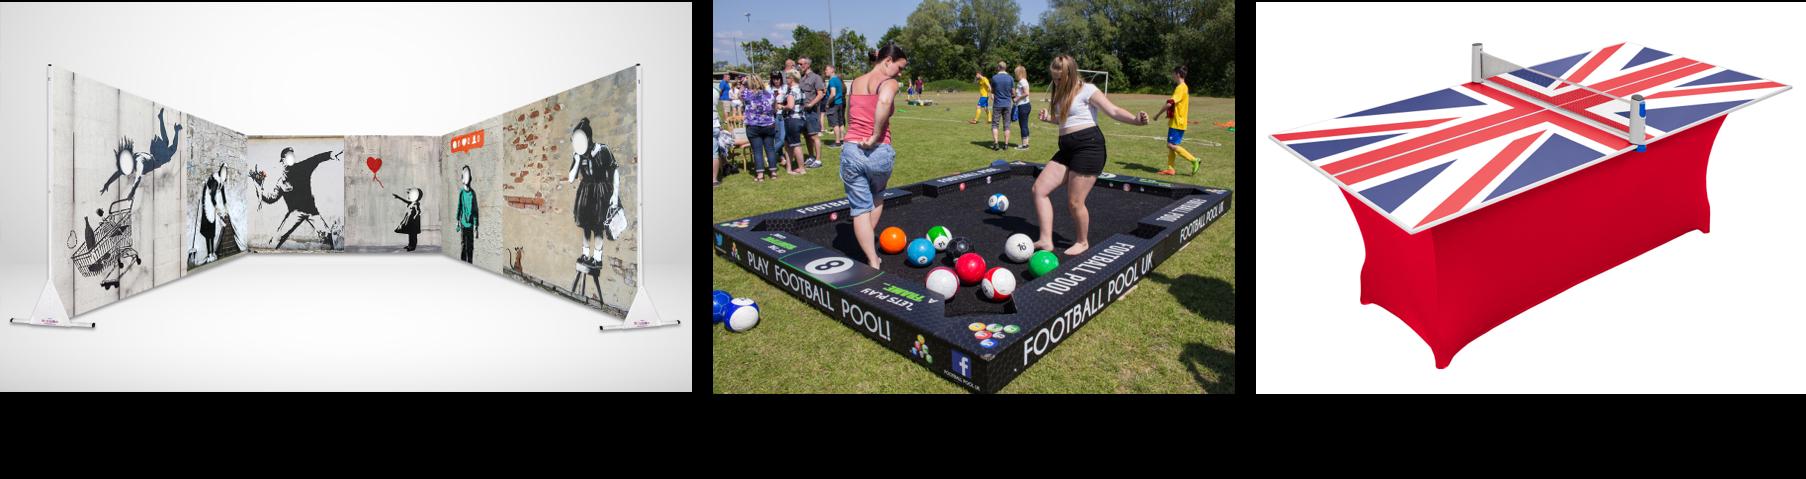 Fun4Guests_Street Art Gallery_Footpool_Table Tennis